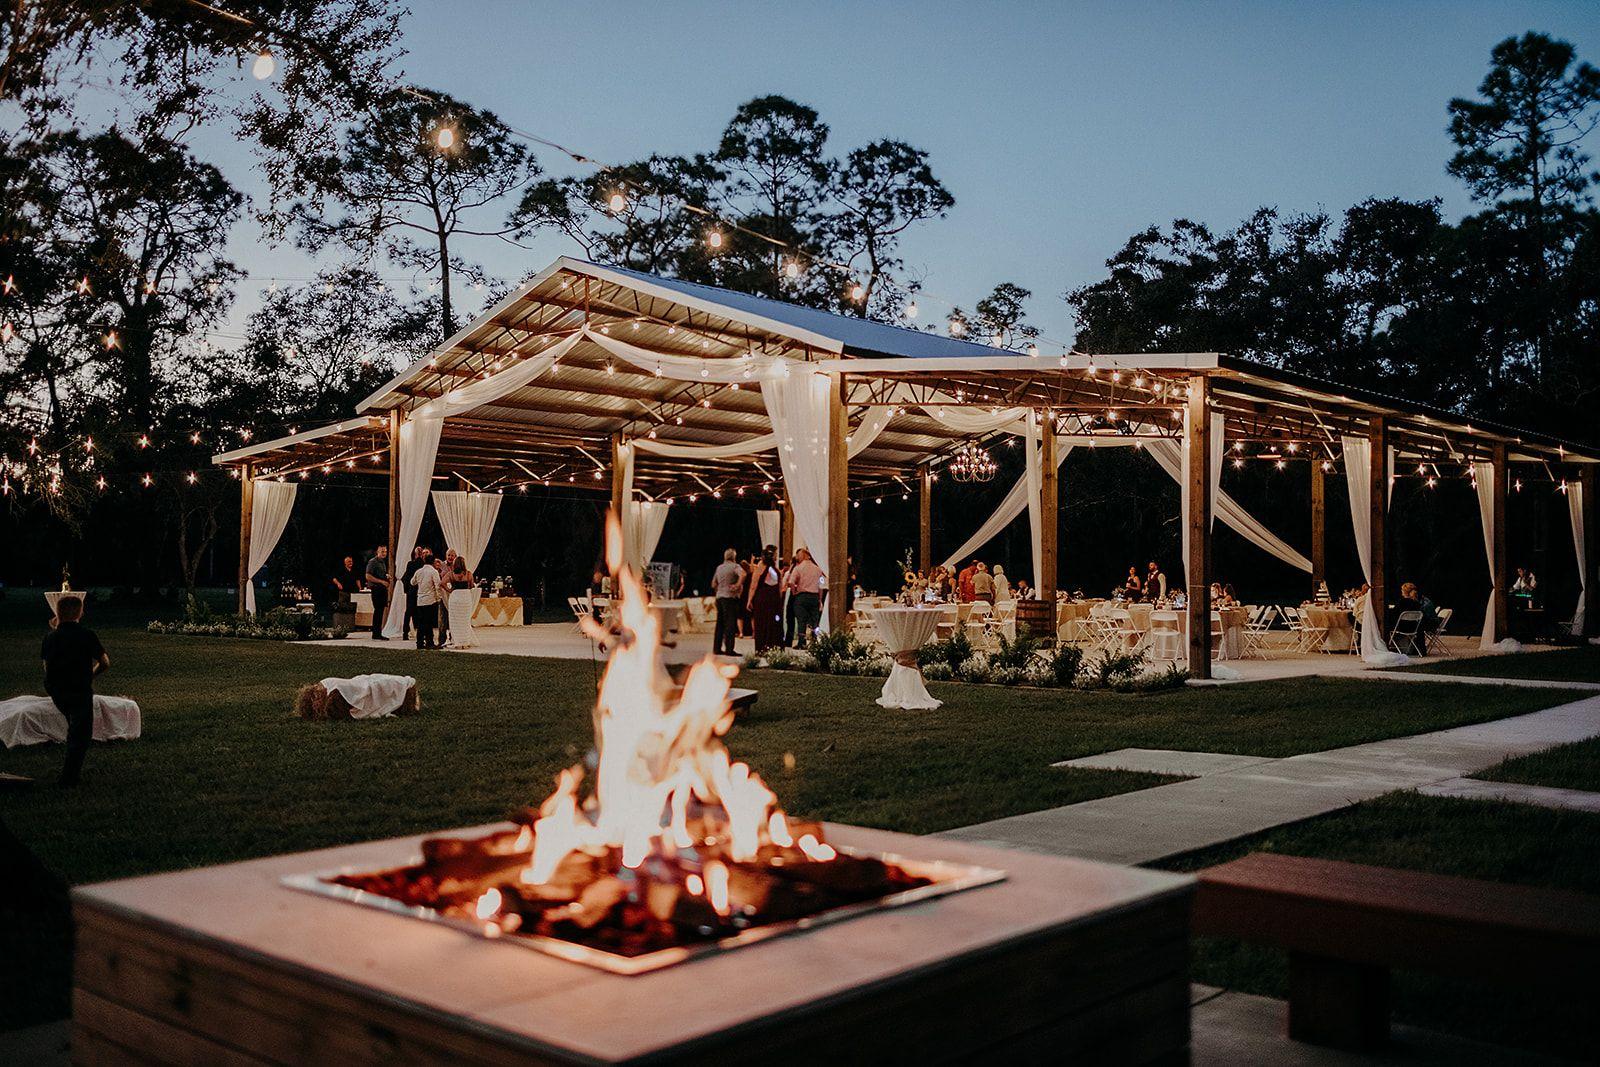 Wedding venues beach image by Bayshore Ranch on Bayshore